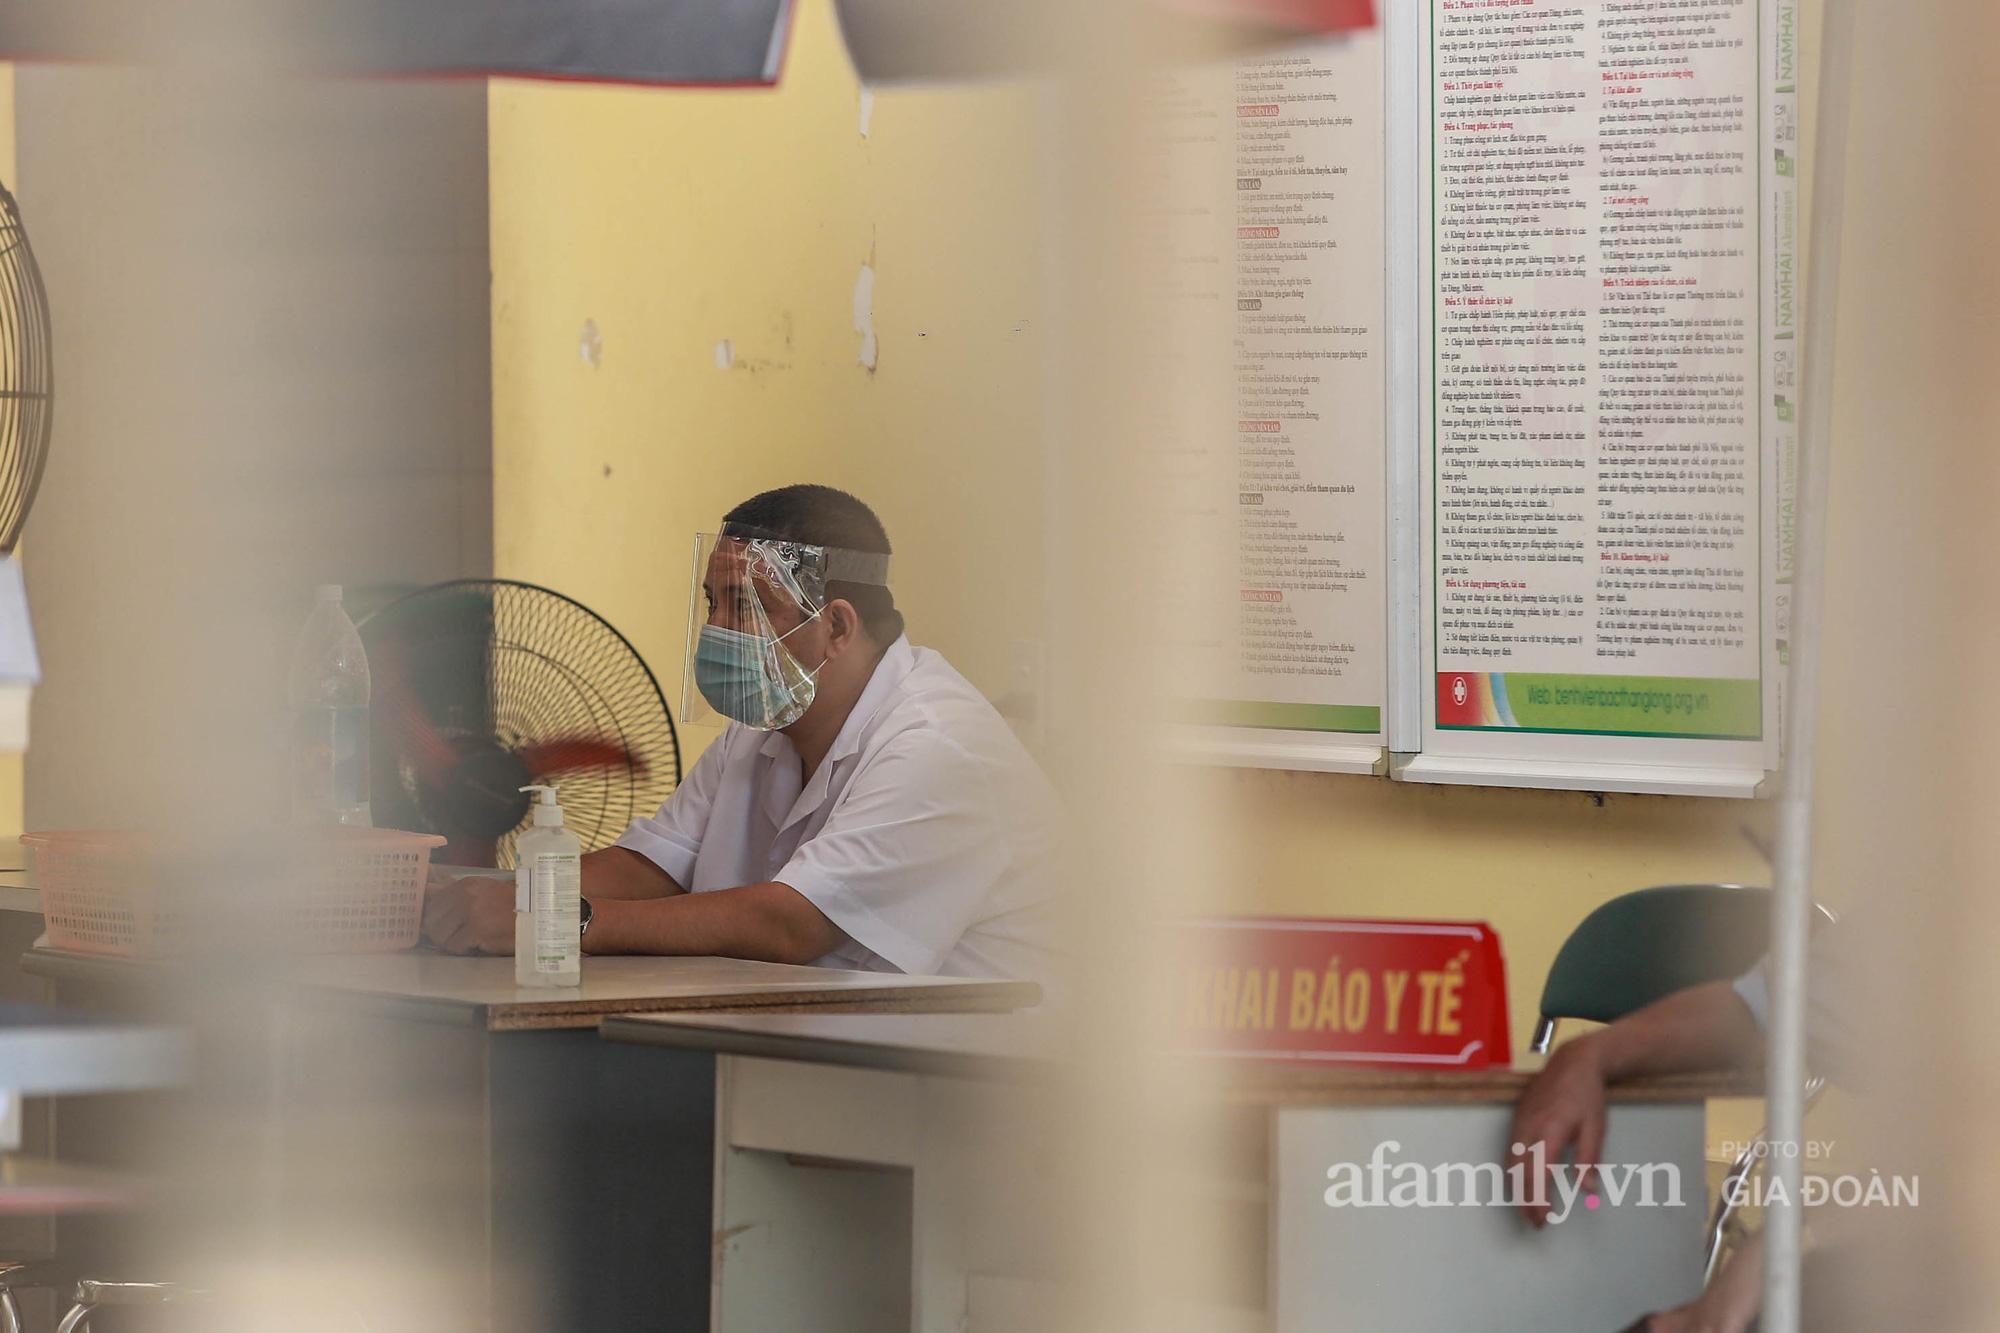 Bệnh viện Bắc Thăng Long tạm thời phong tỏa, dừng tiếp nhận bệnh nhân vì có liên quan đến người phụ nữ bán rau dương tính SARS-CoV-2 trong cộng đồng - Ảnh 4.